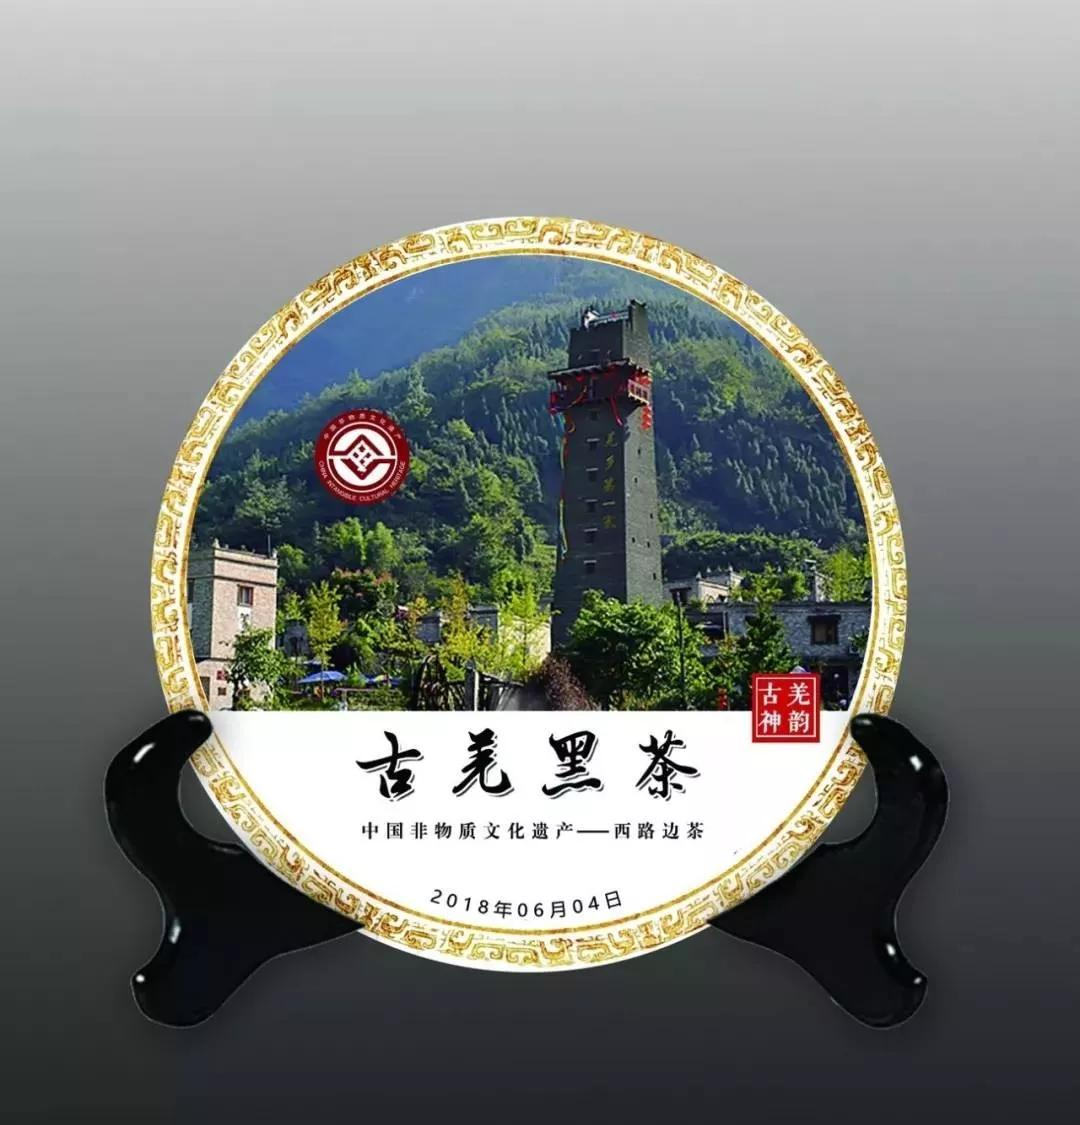 春节将至,北川腊肉、北川茶叶、马槽酒、苦荞、野生菌你最喜欢哪一款